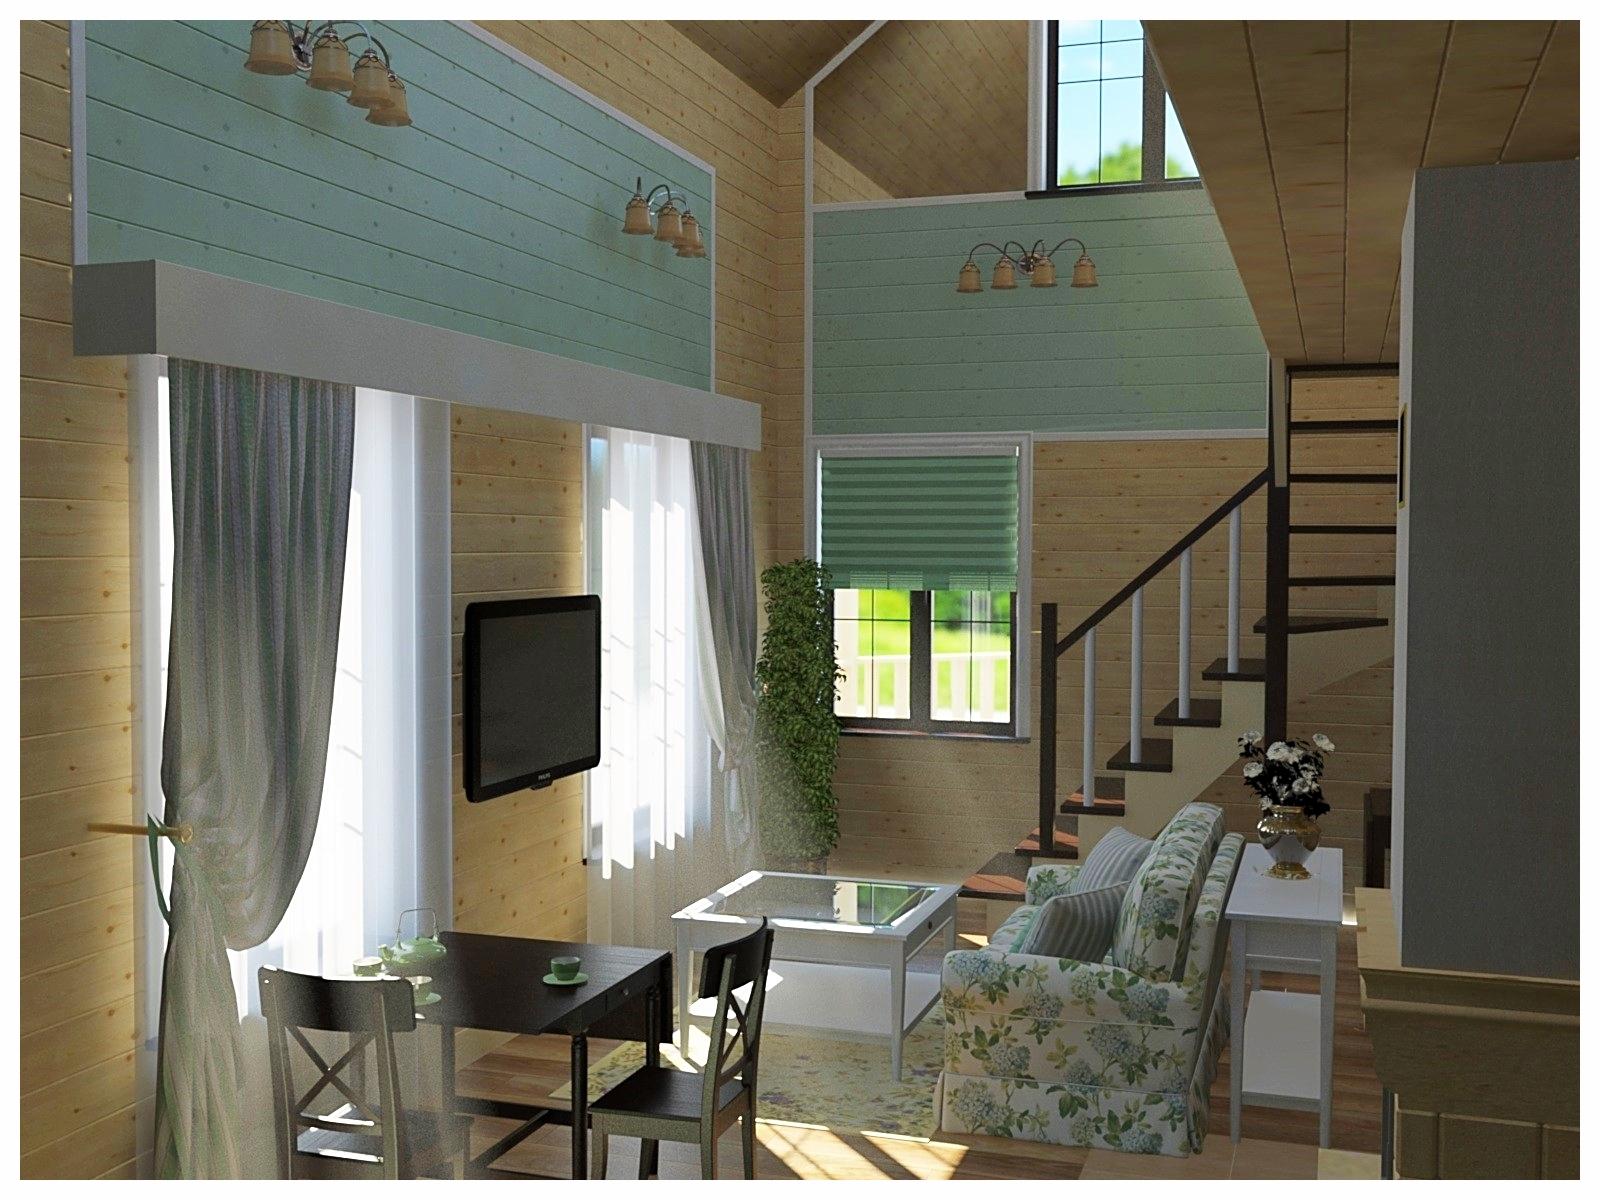 Дизайн интерьеров по договору на дизайн проект небольшого коттеджа 3.